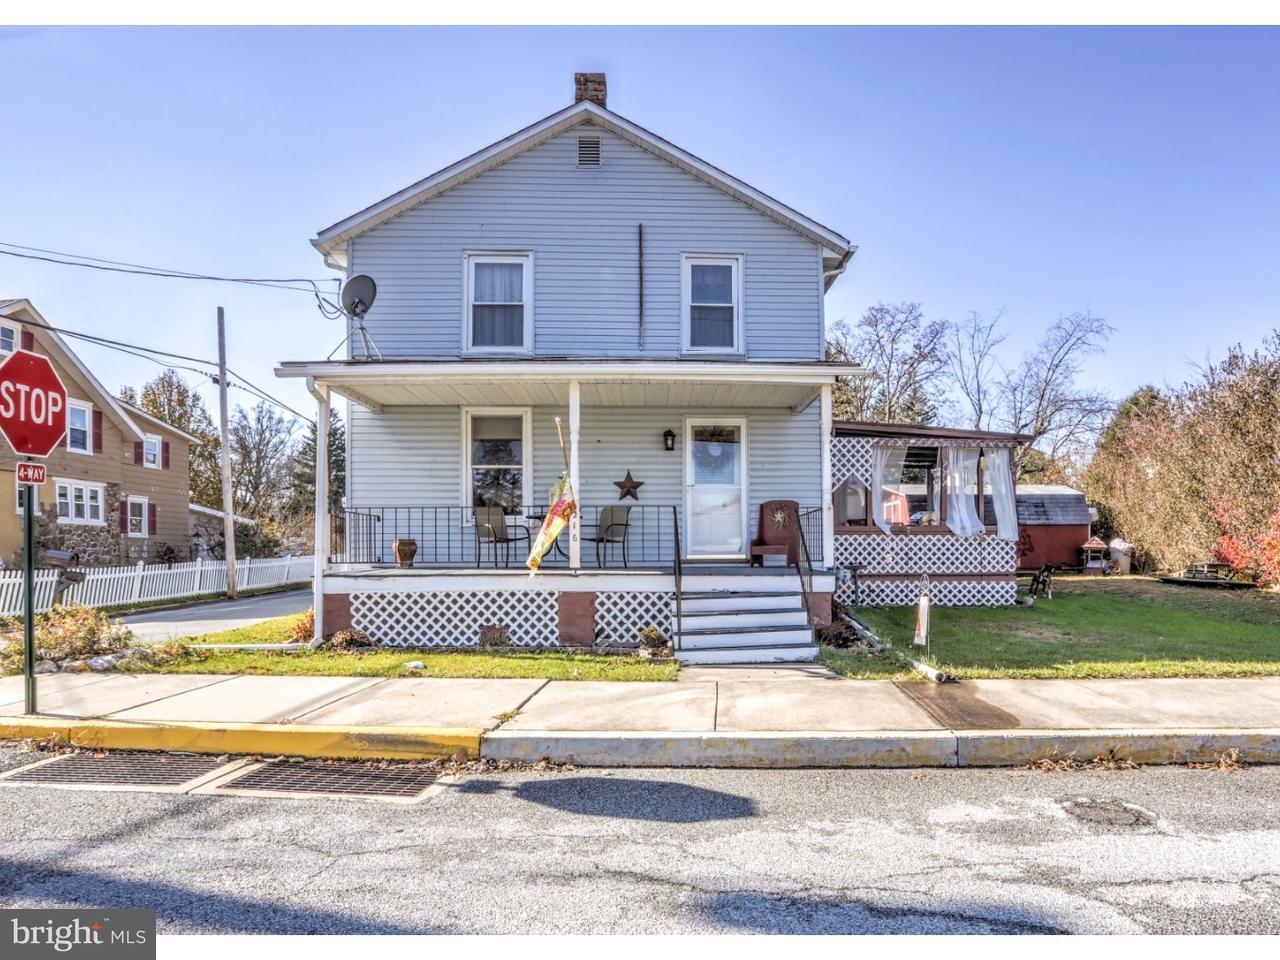 Maison unifamiliale pour l Vente à 216 CHESTER Street Atglen, Pennsylvanie 19310 États-Unis